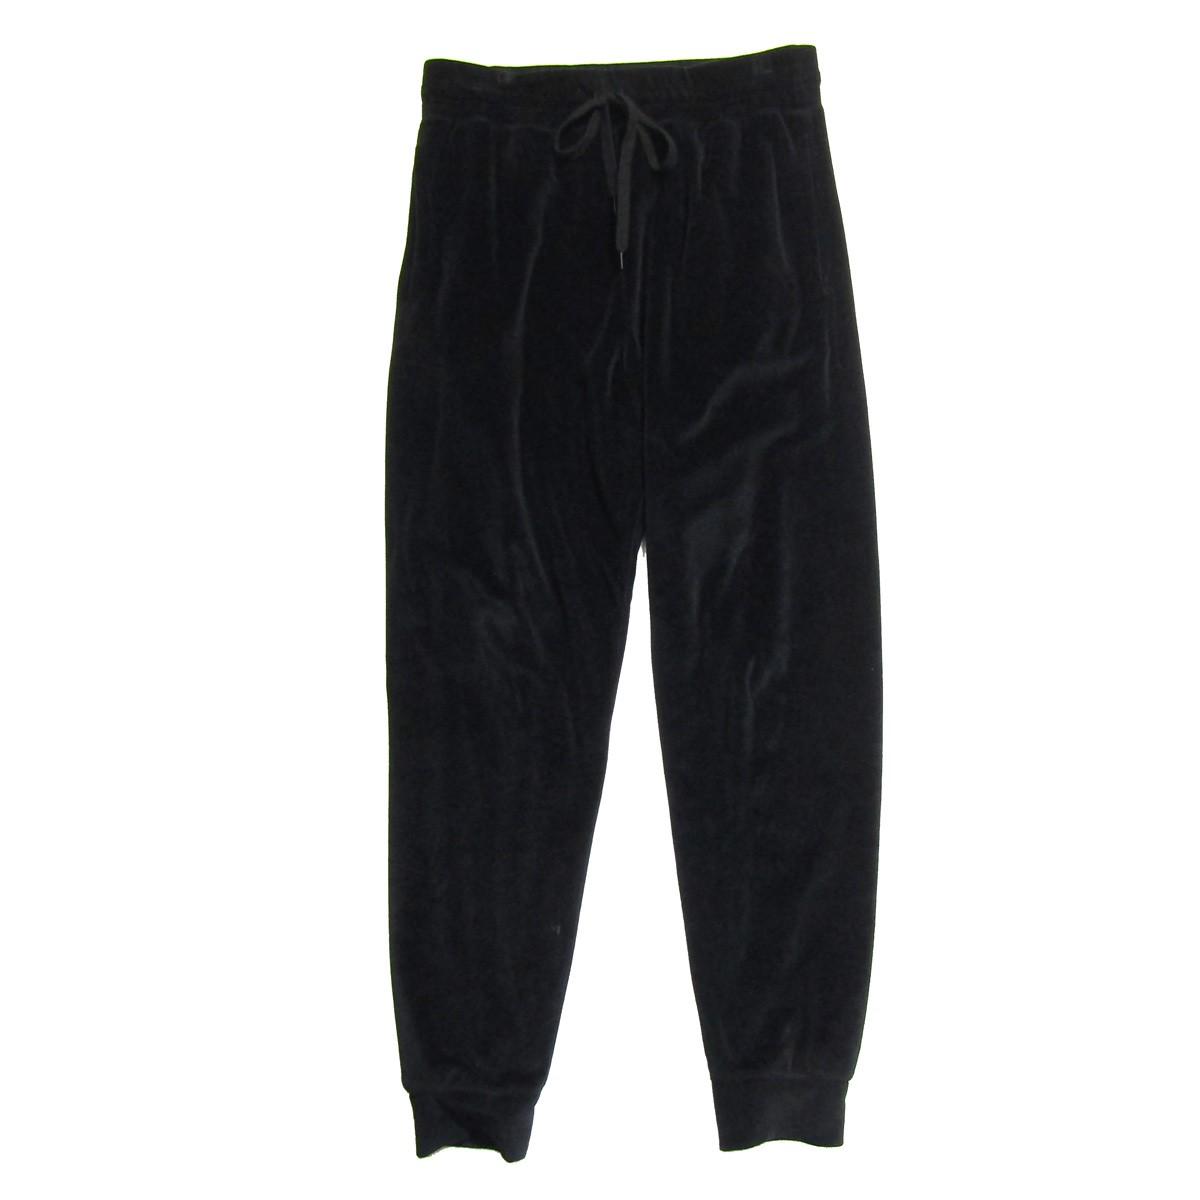 【中古】kozaburo2018SS Velour Sweat Pants/ベルベットスウェットパンツ ネイビー サイズ:0 【7月2日見直し】